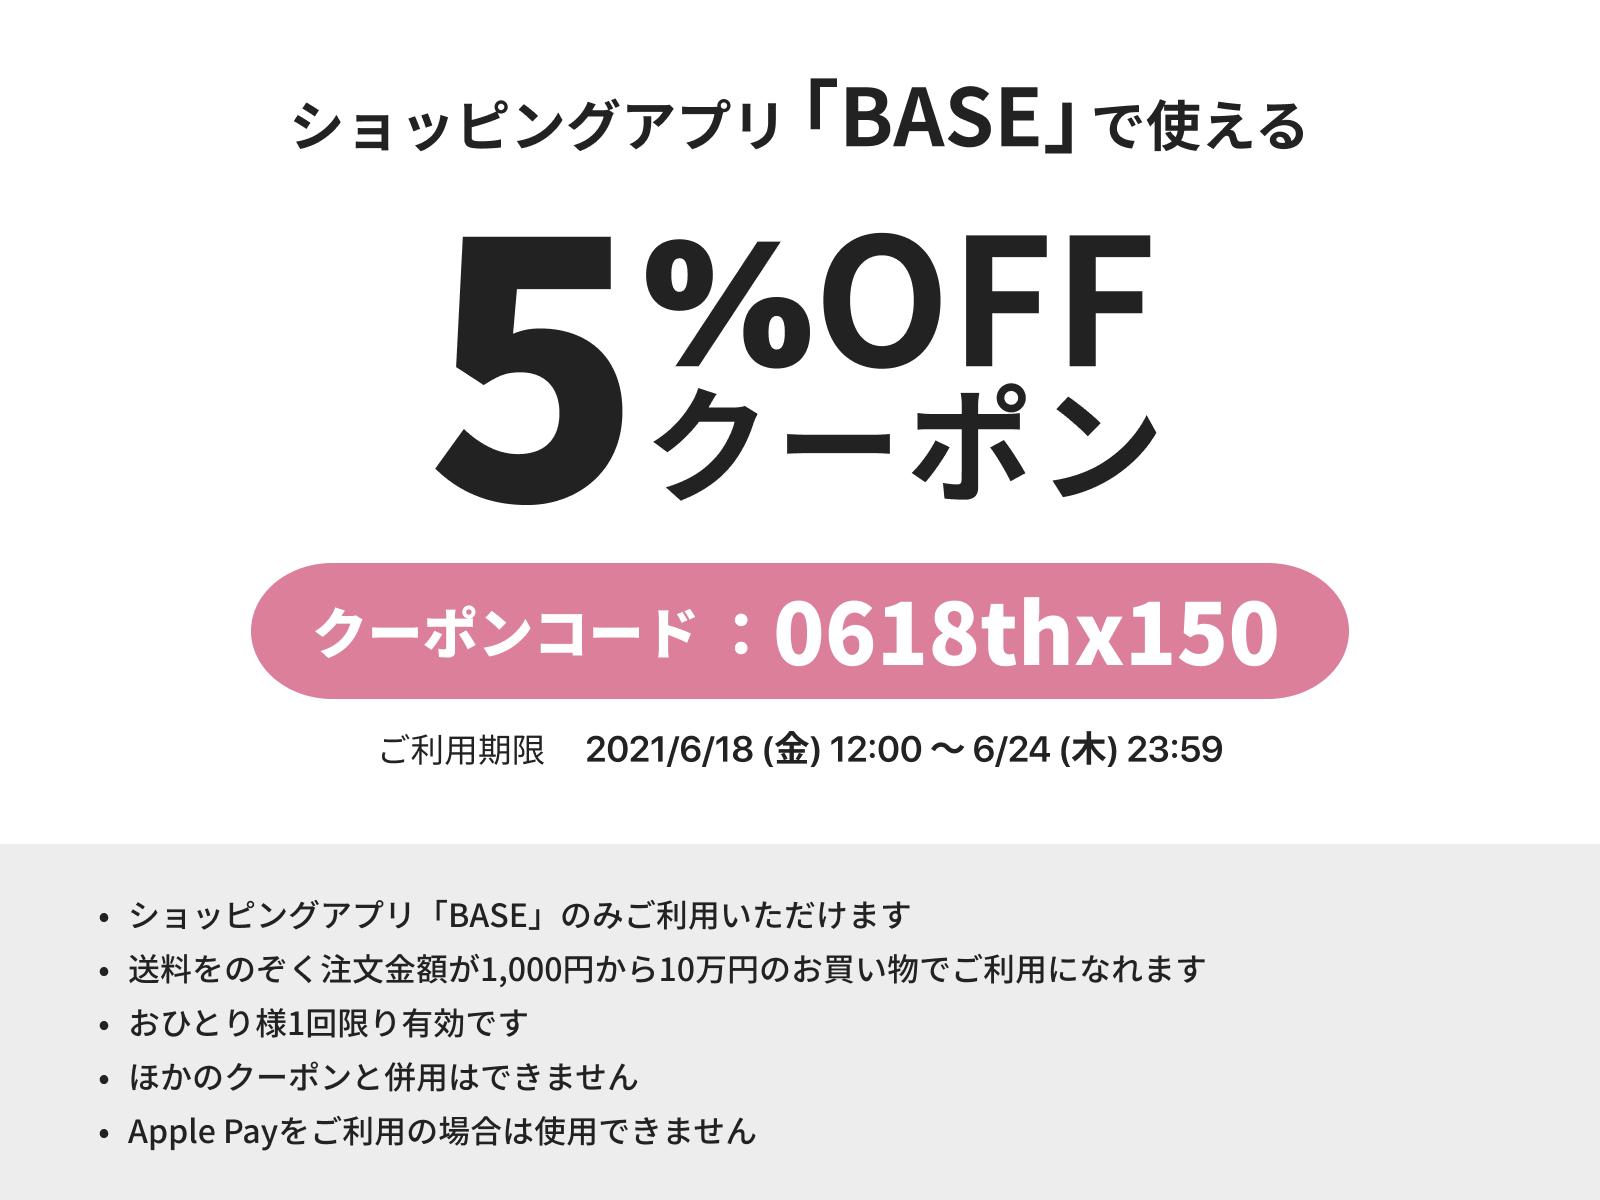 【6/18(金)~24(木)まで!!クーポンコードご入力で5%OFF!!】